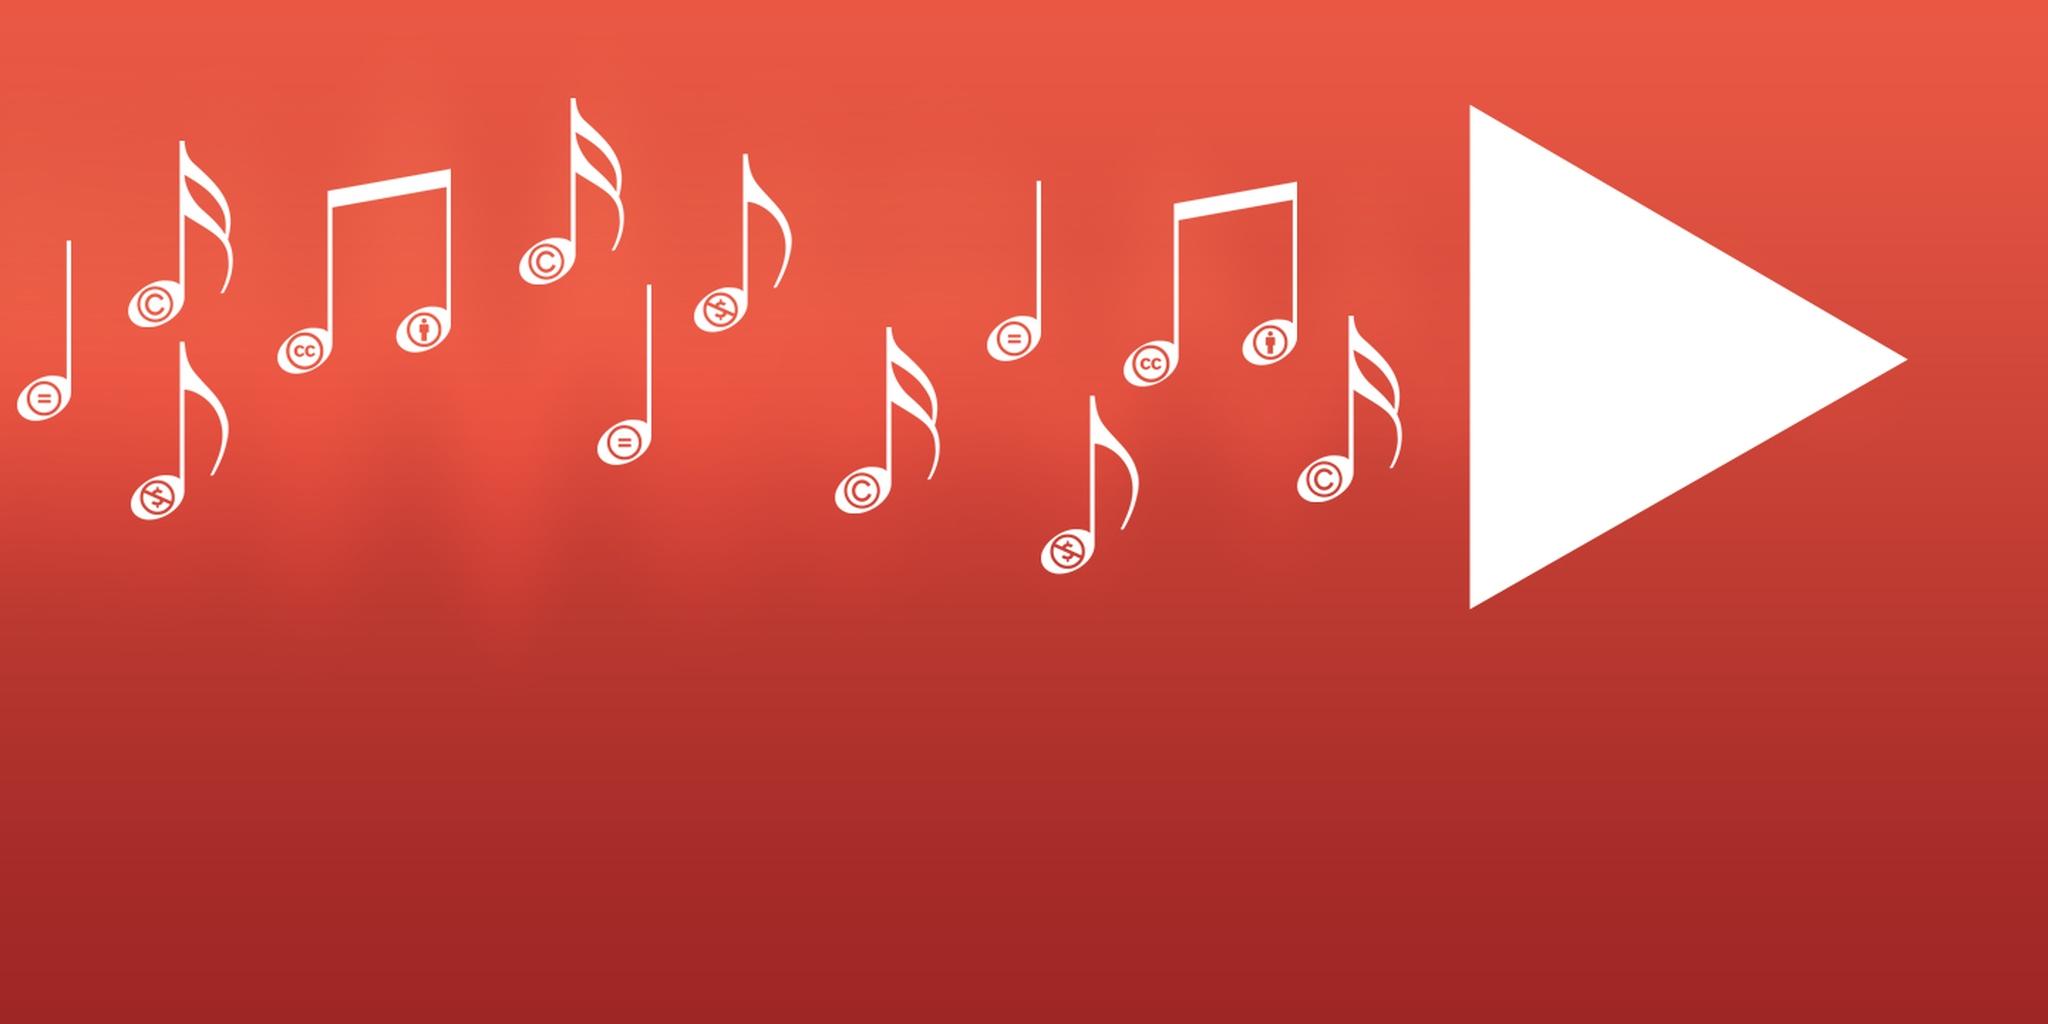 Một triệu đồng một bài hát: Bản quyền hay độc quyền?